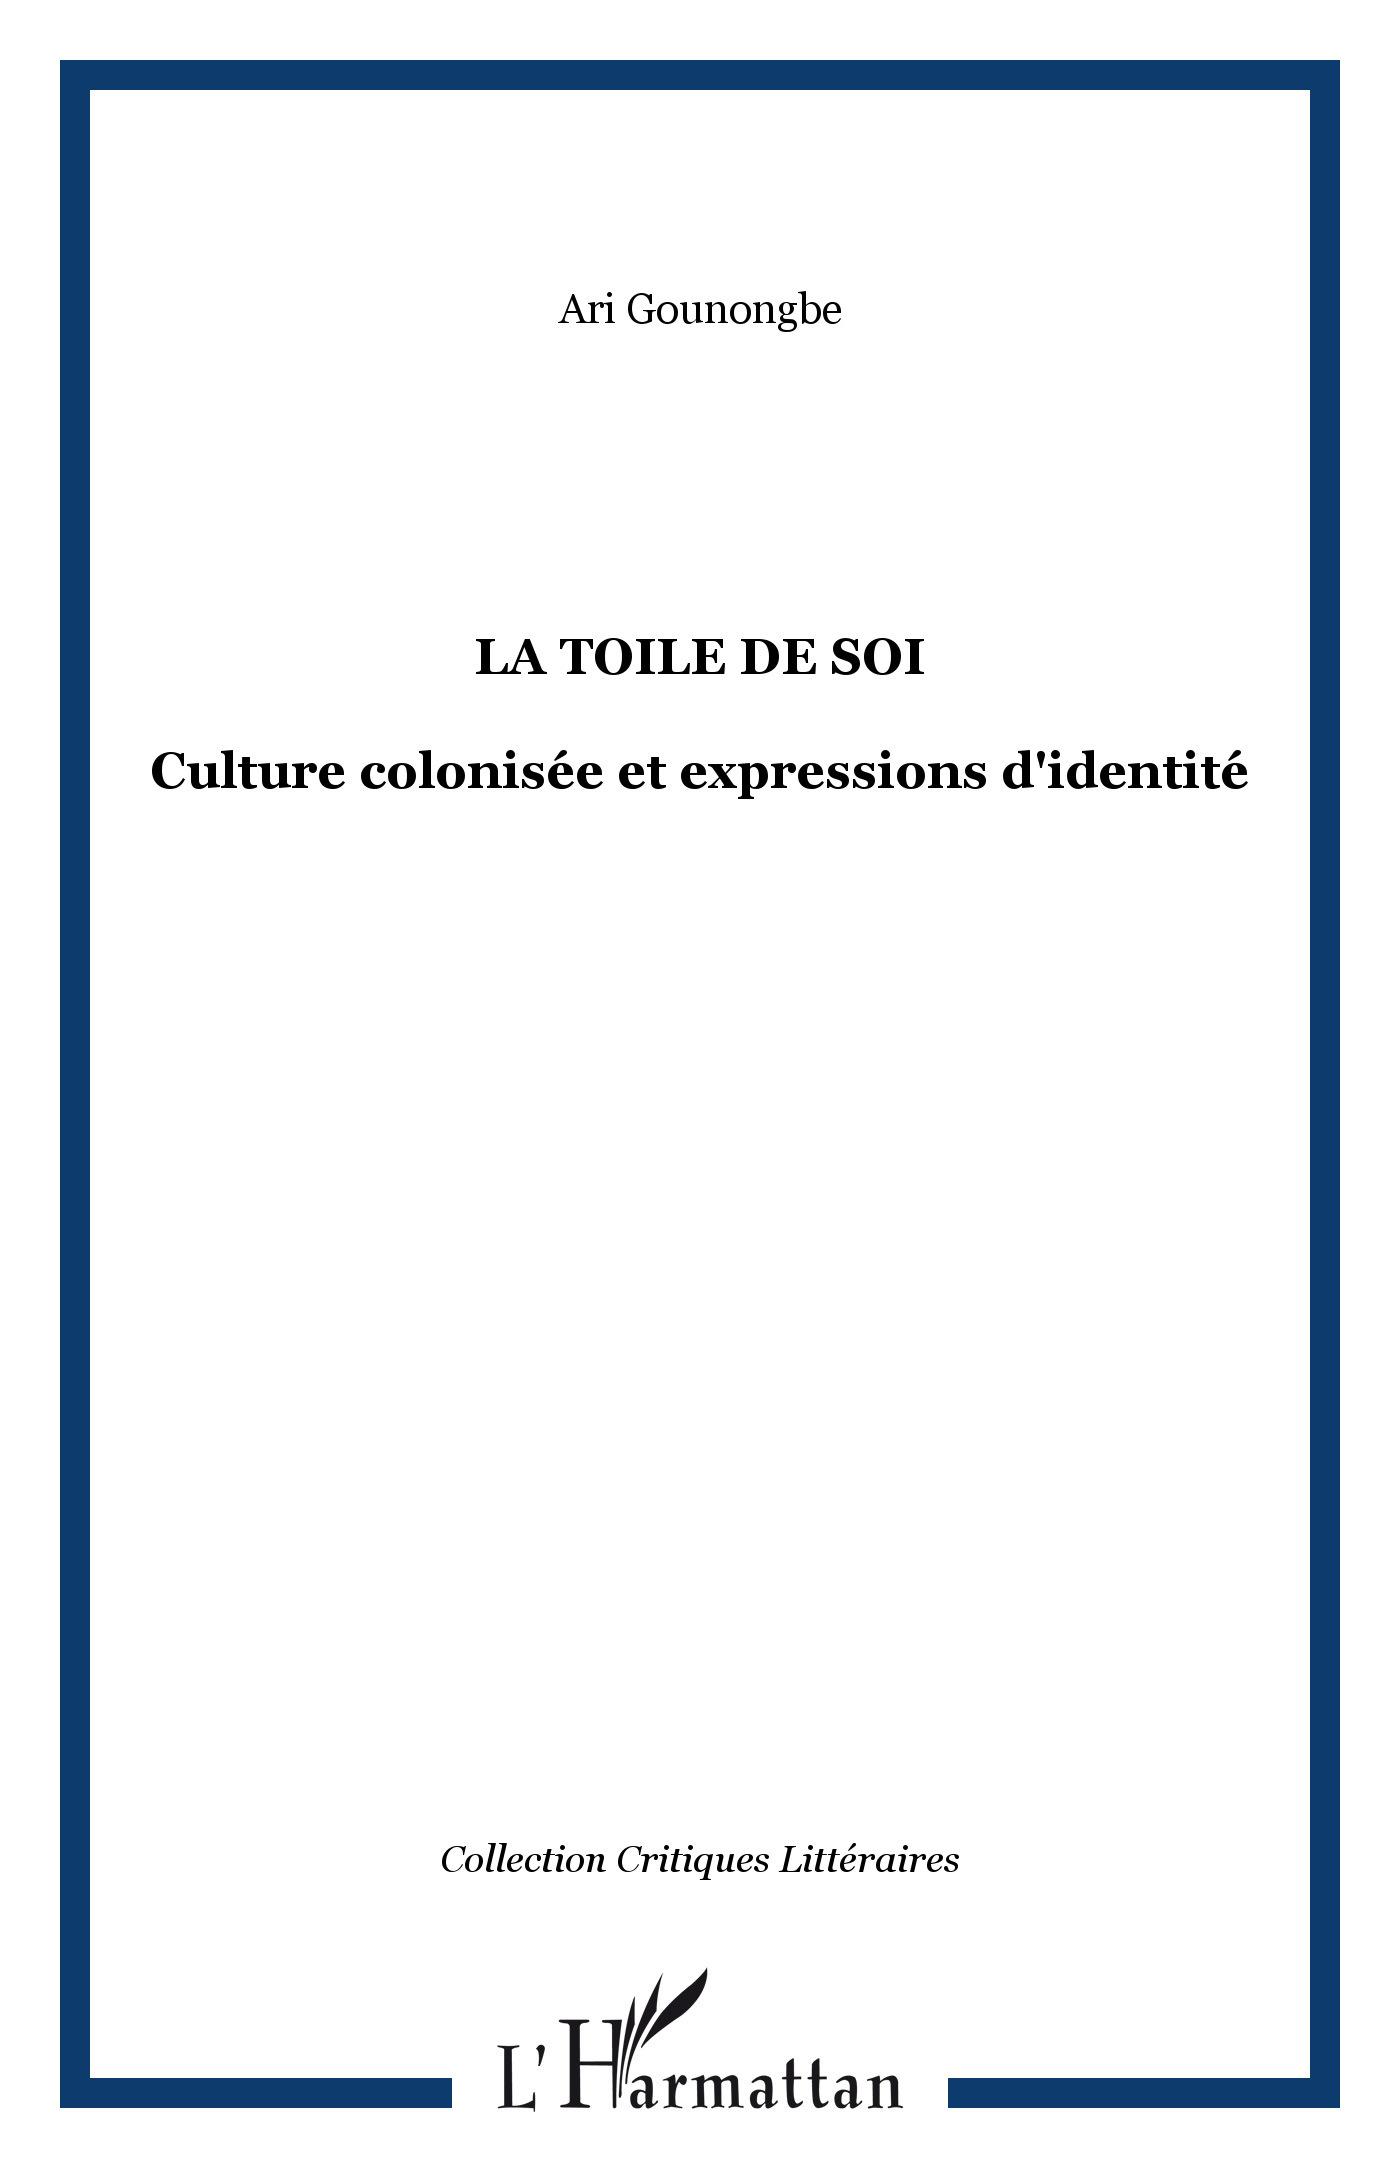 LA TOILE DE SOI - CULTURE COLONISEE ET EXPRESSIONS D'IDENTITE